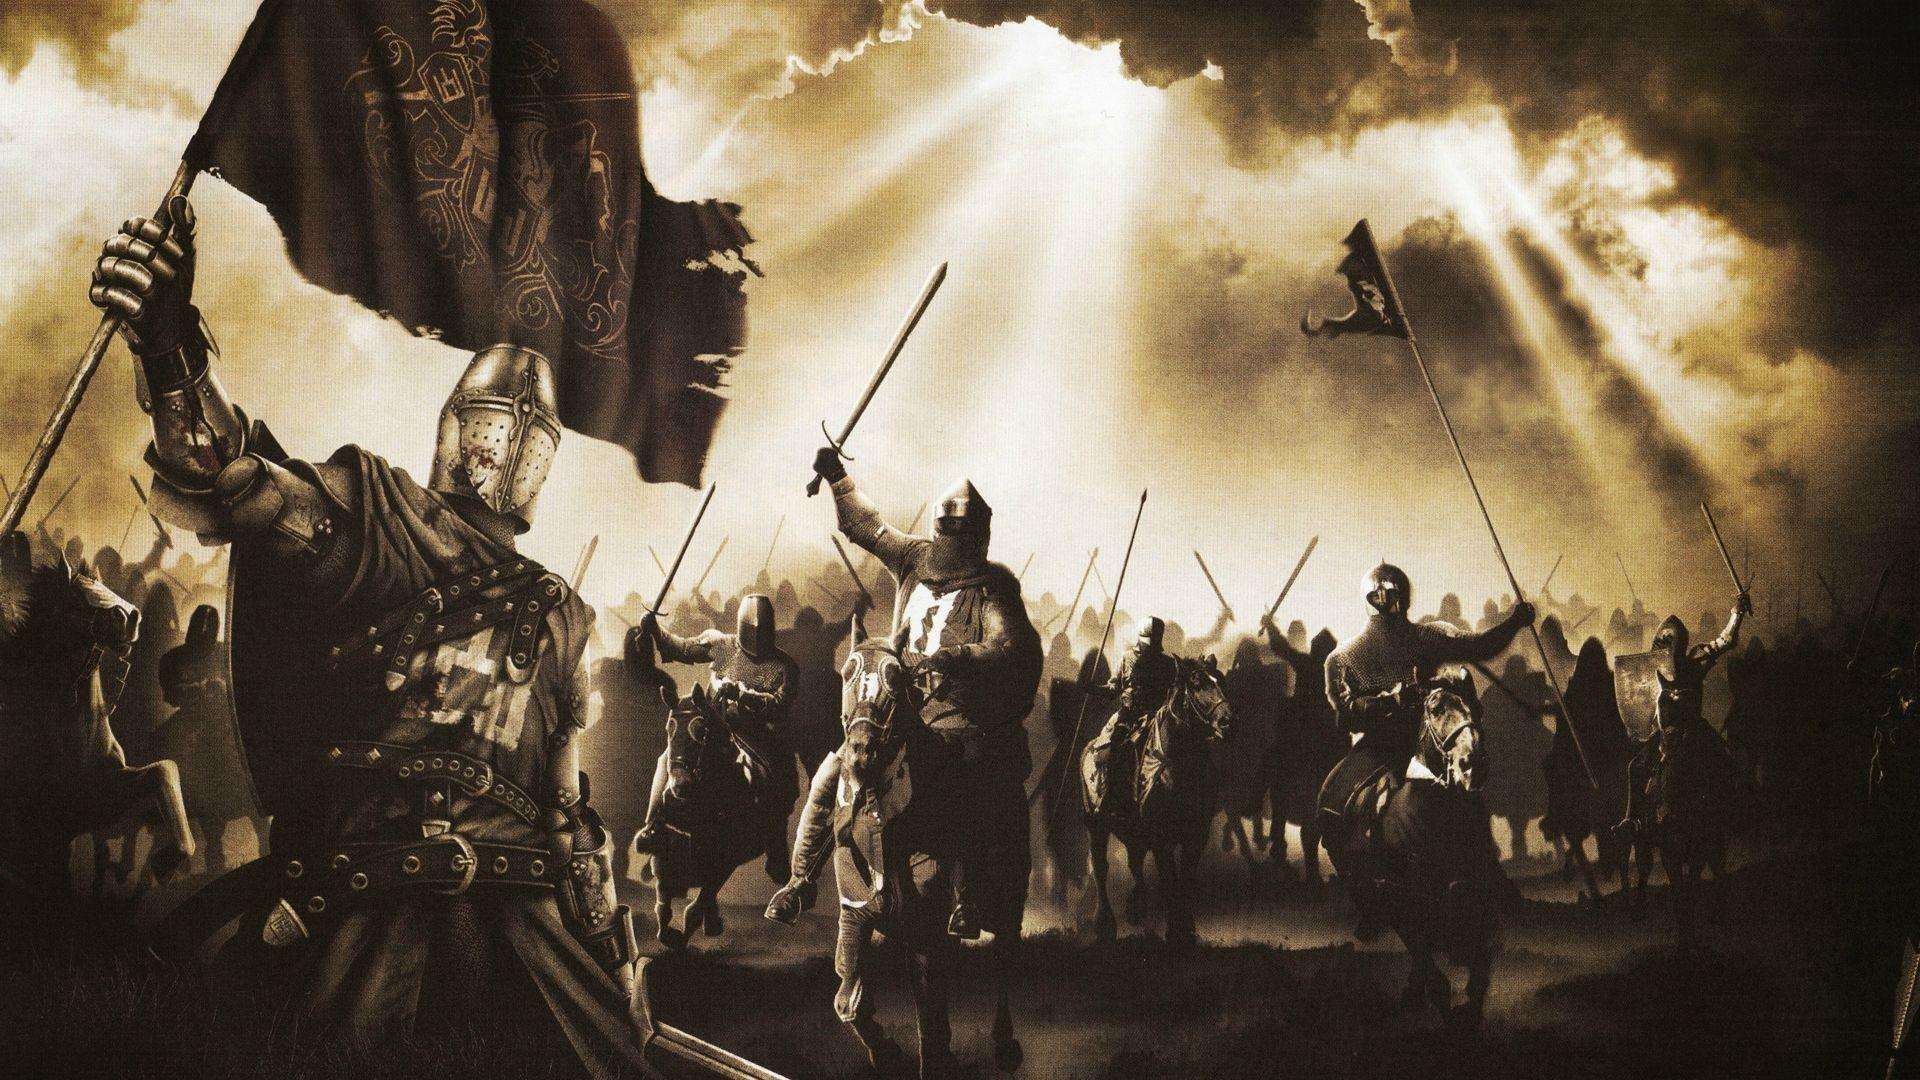 Knights wallpaper